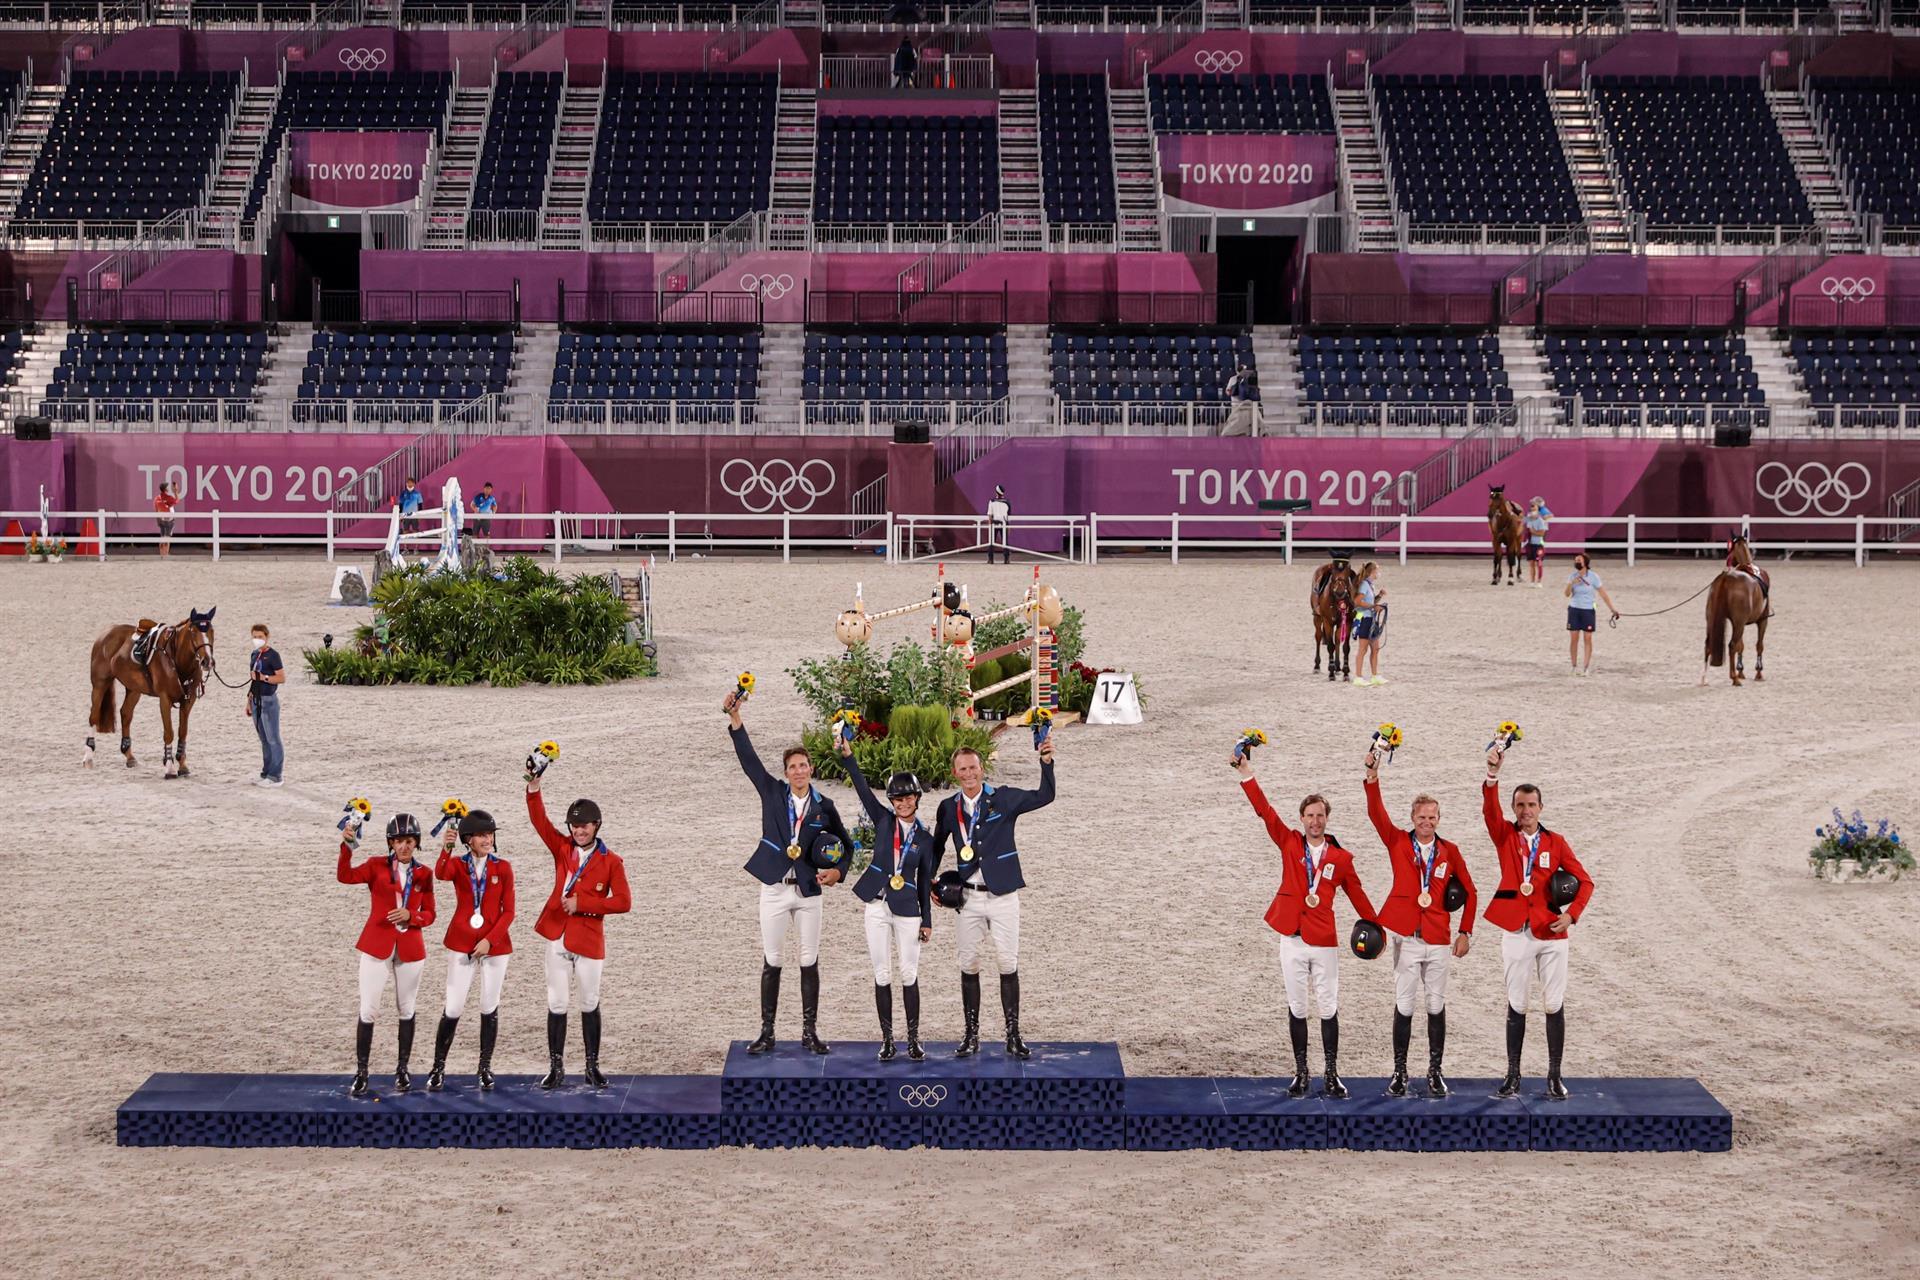 EVE3618. TOKIO (JAPÓN), 07/08/2021.- El equipo de Suecia (c-oro), de Estados Unidos (i-plata) y de Bélgica (d-bronce) celebran en el podio tras la final de salto por equipos de Equitación durante los Juegos Olímpicos 2020, este sábado en el hipódromo Equestrian Park en Tokio (Japón). EFE/ Kai Försterling